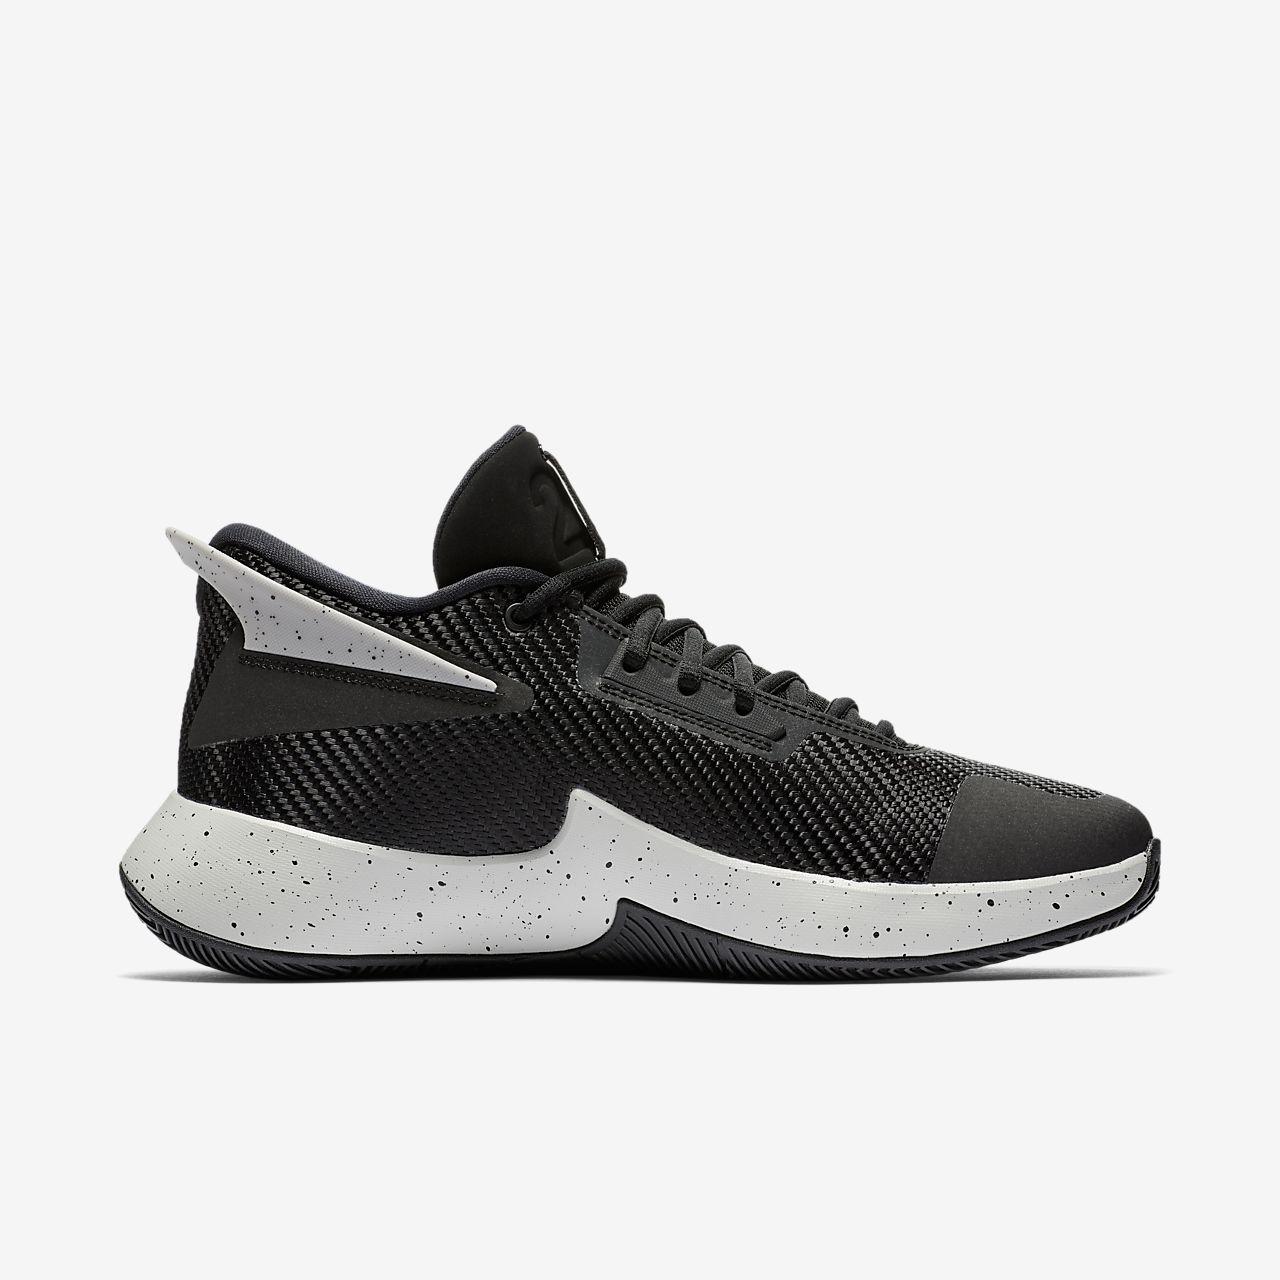 Nike Air Jordan Fly Lockdown trainers Y06cFtyV4L